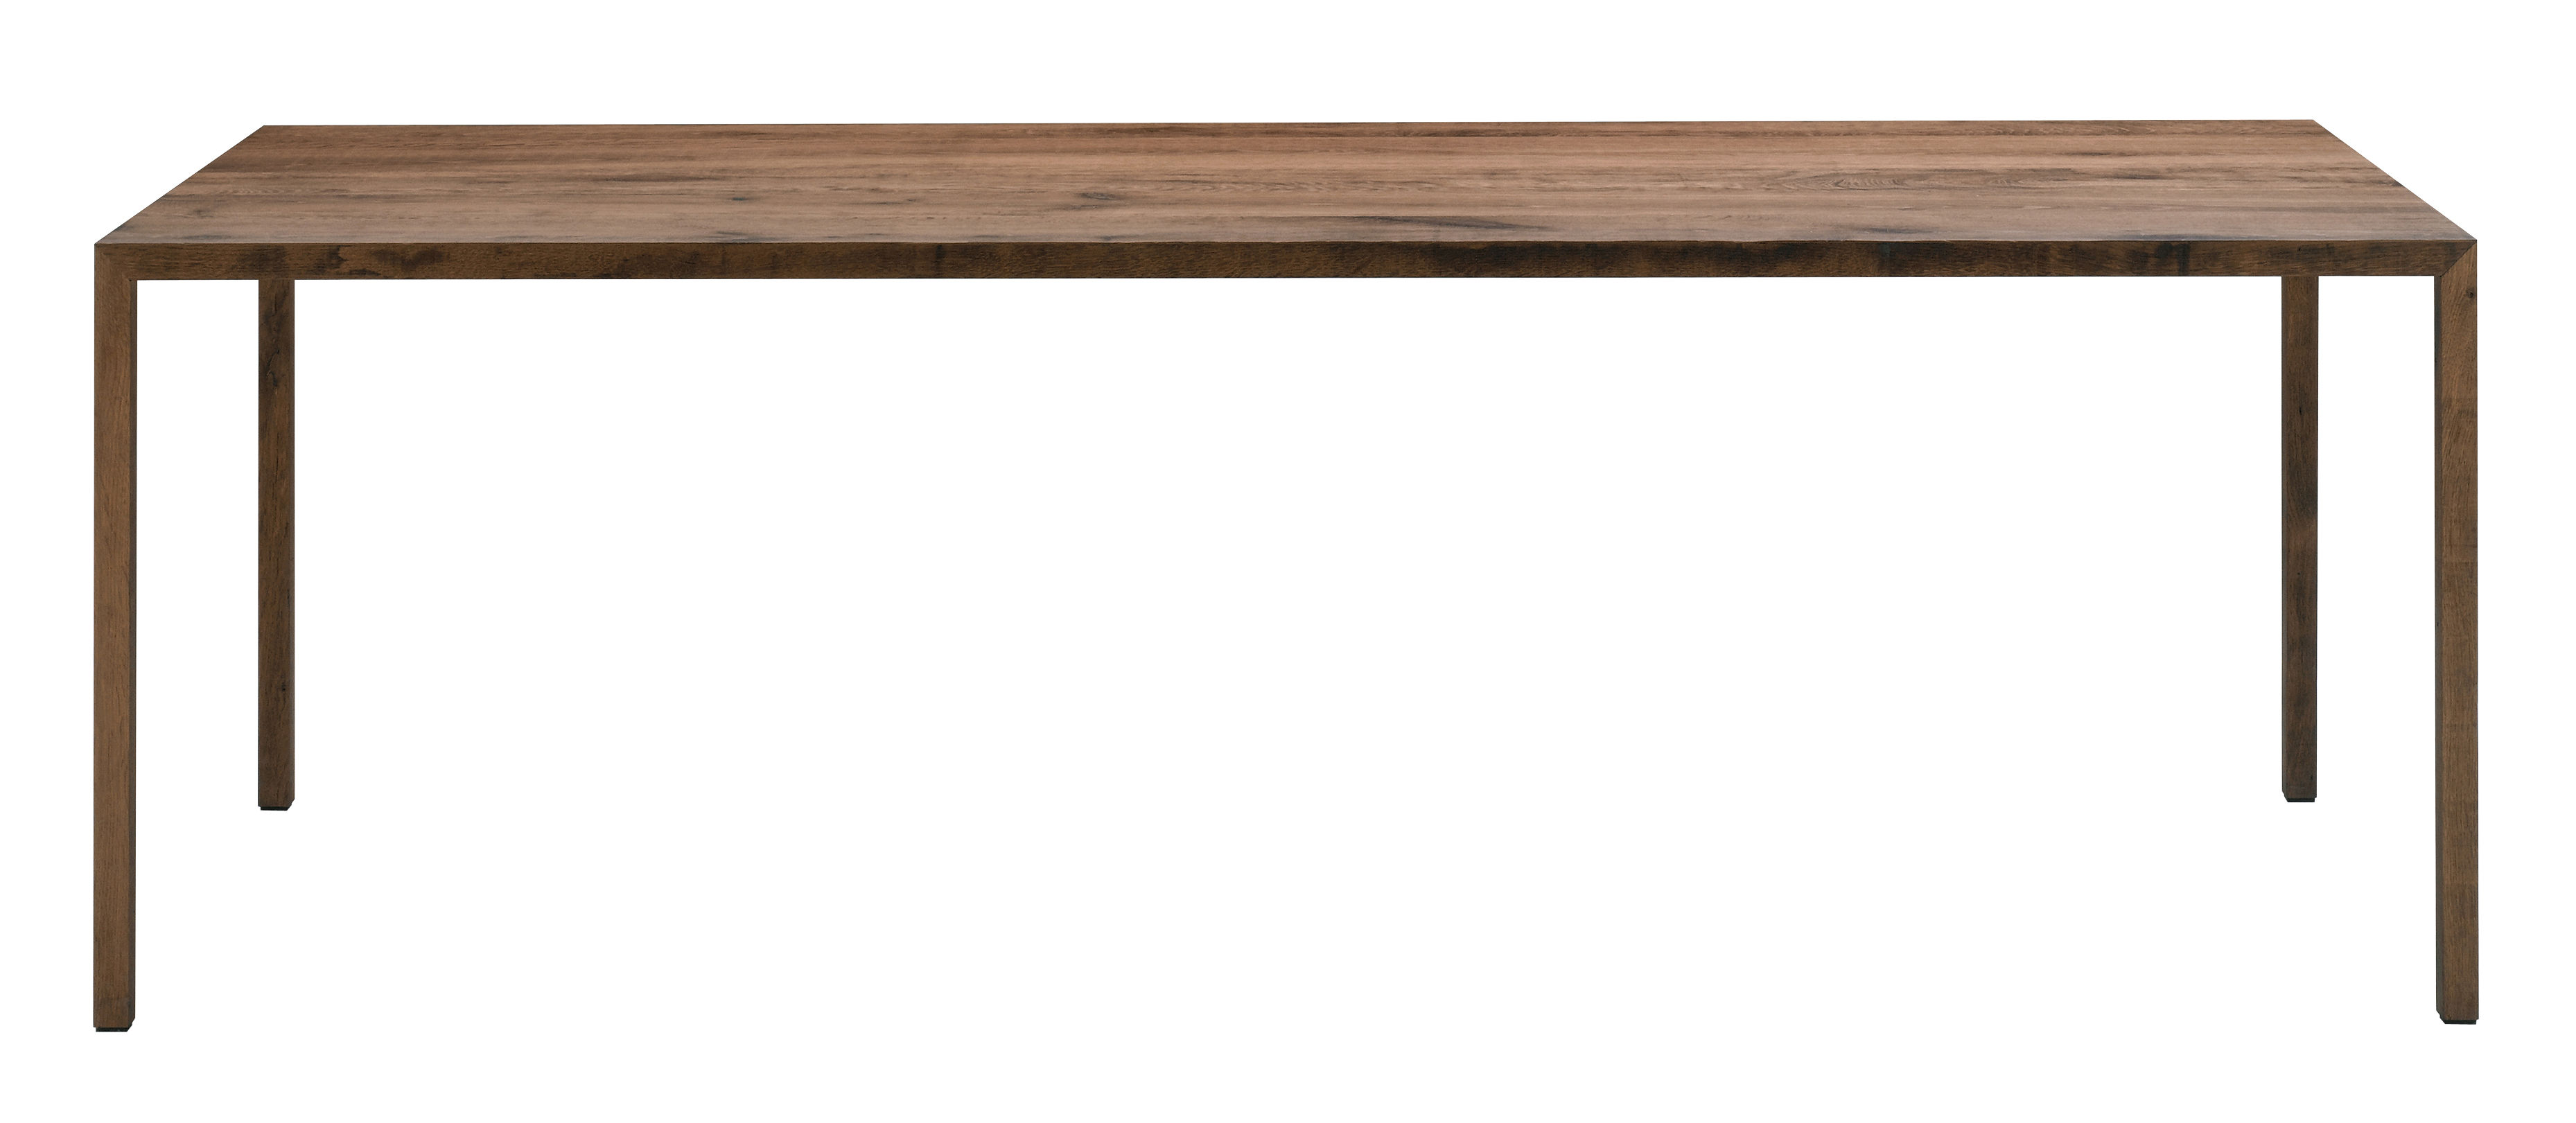 Tendenze - Sala da pranzo - Tavolo Tense Material / 90 x 200 cm - Quercia - MDF Italia - Quercia naturale - Pannello composito, Placage chêne massif